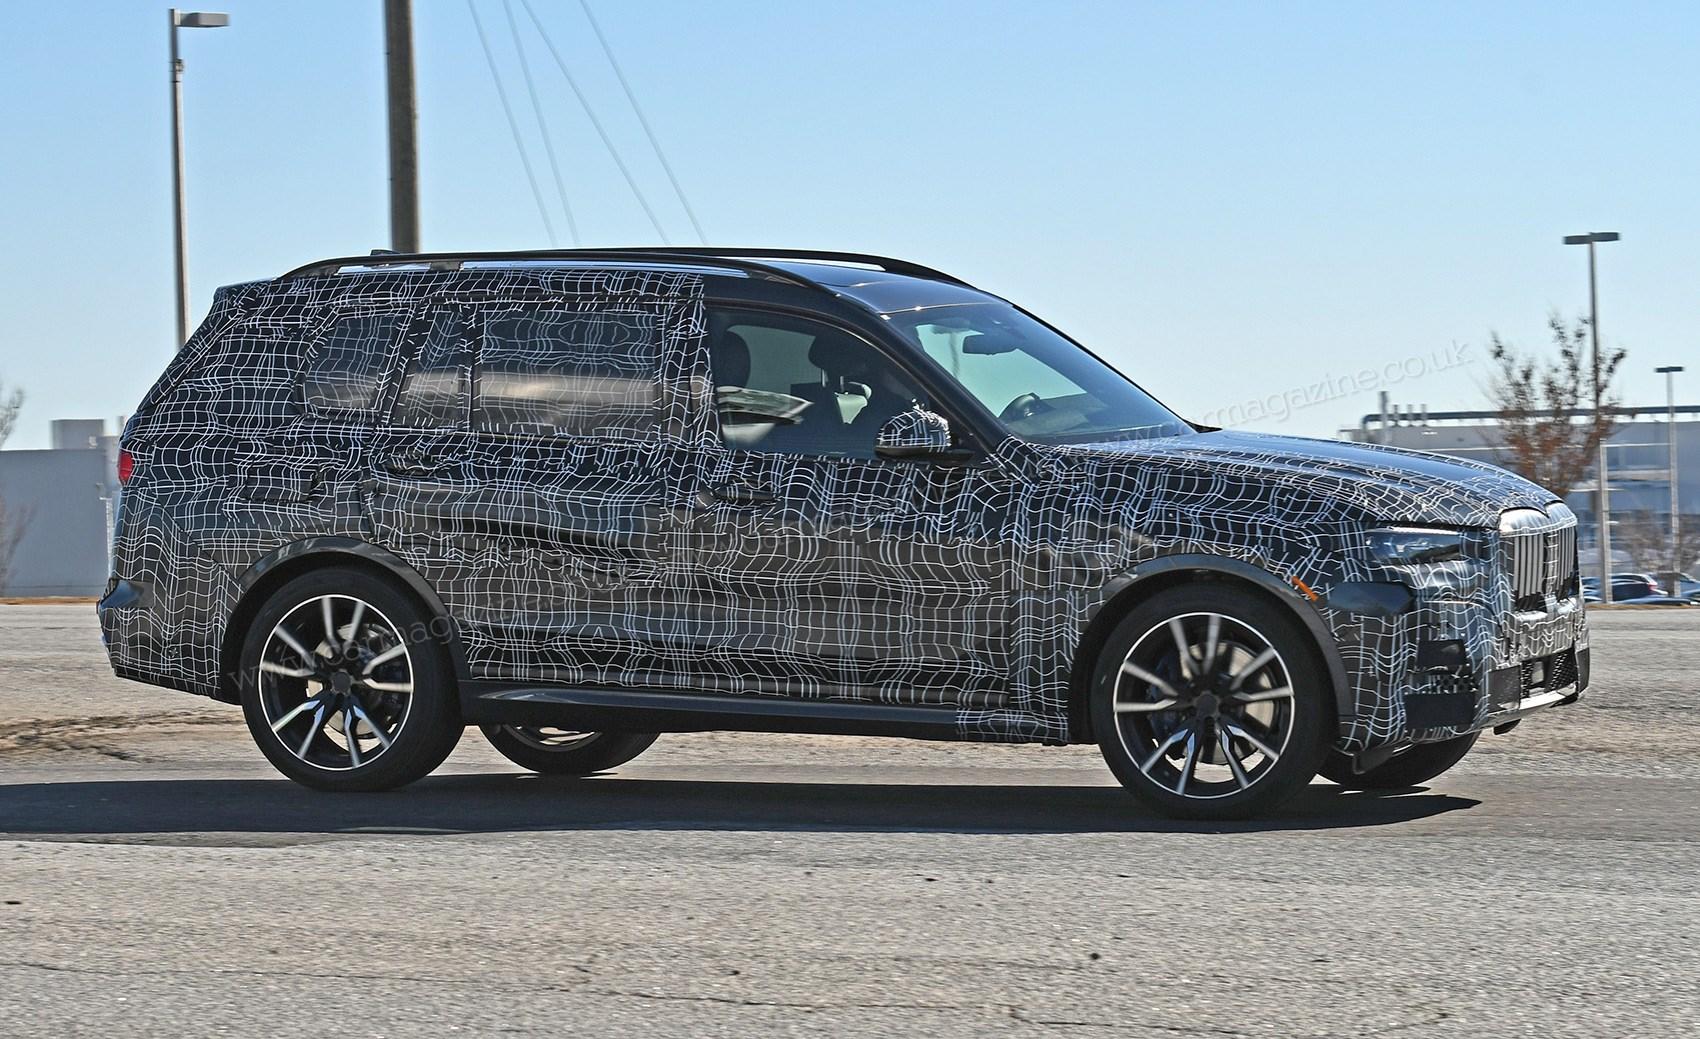 New BMW X7 (2019) spy photos, scoop info | CAR Magazine